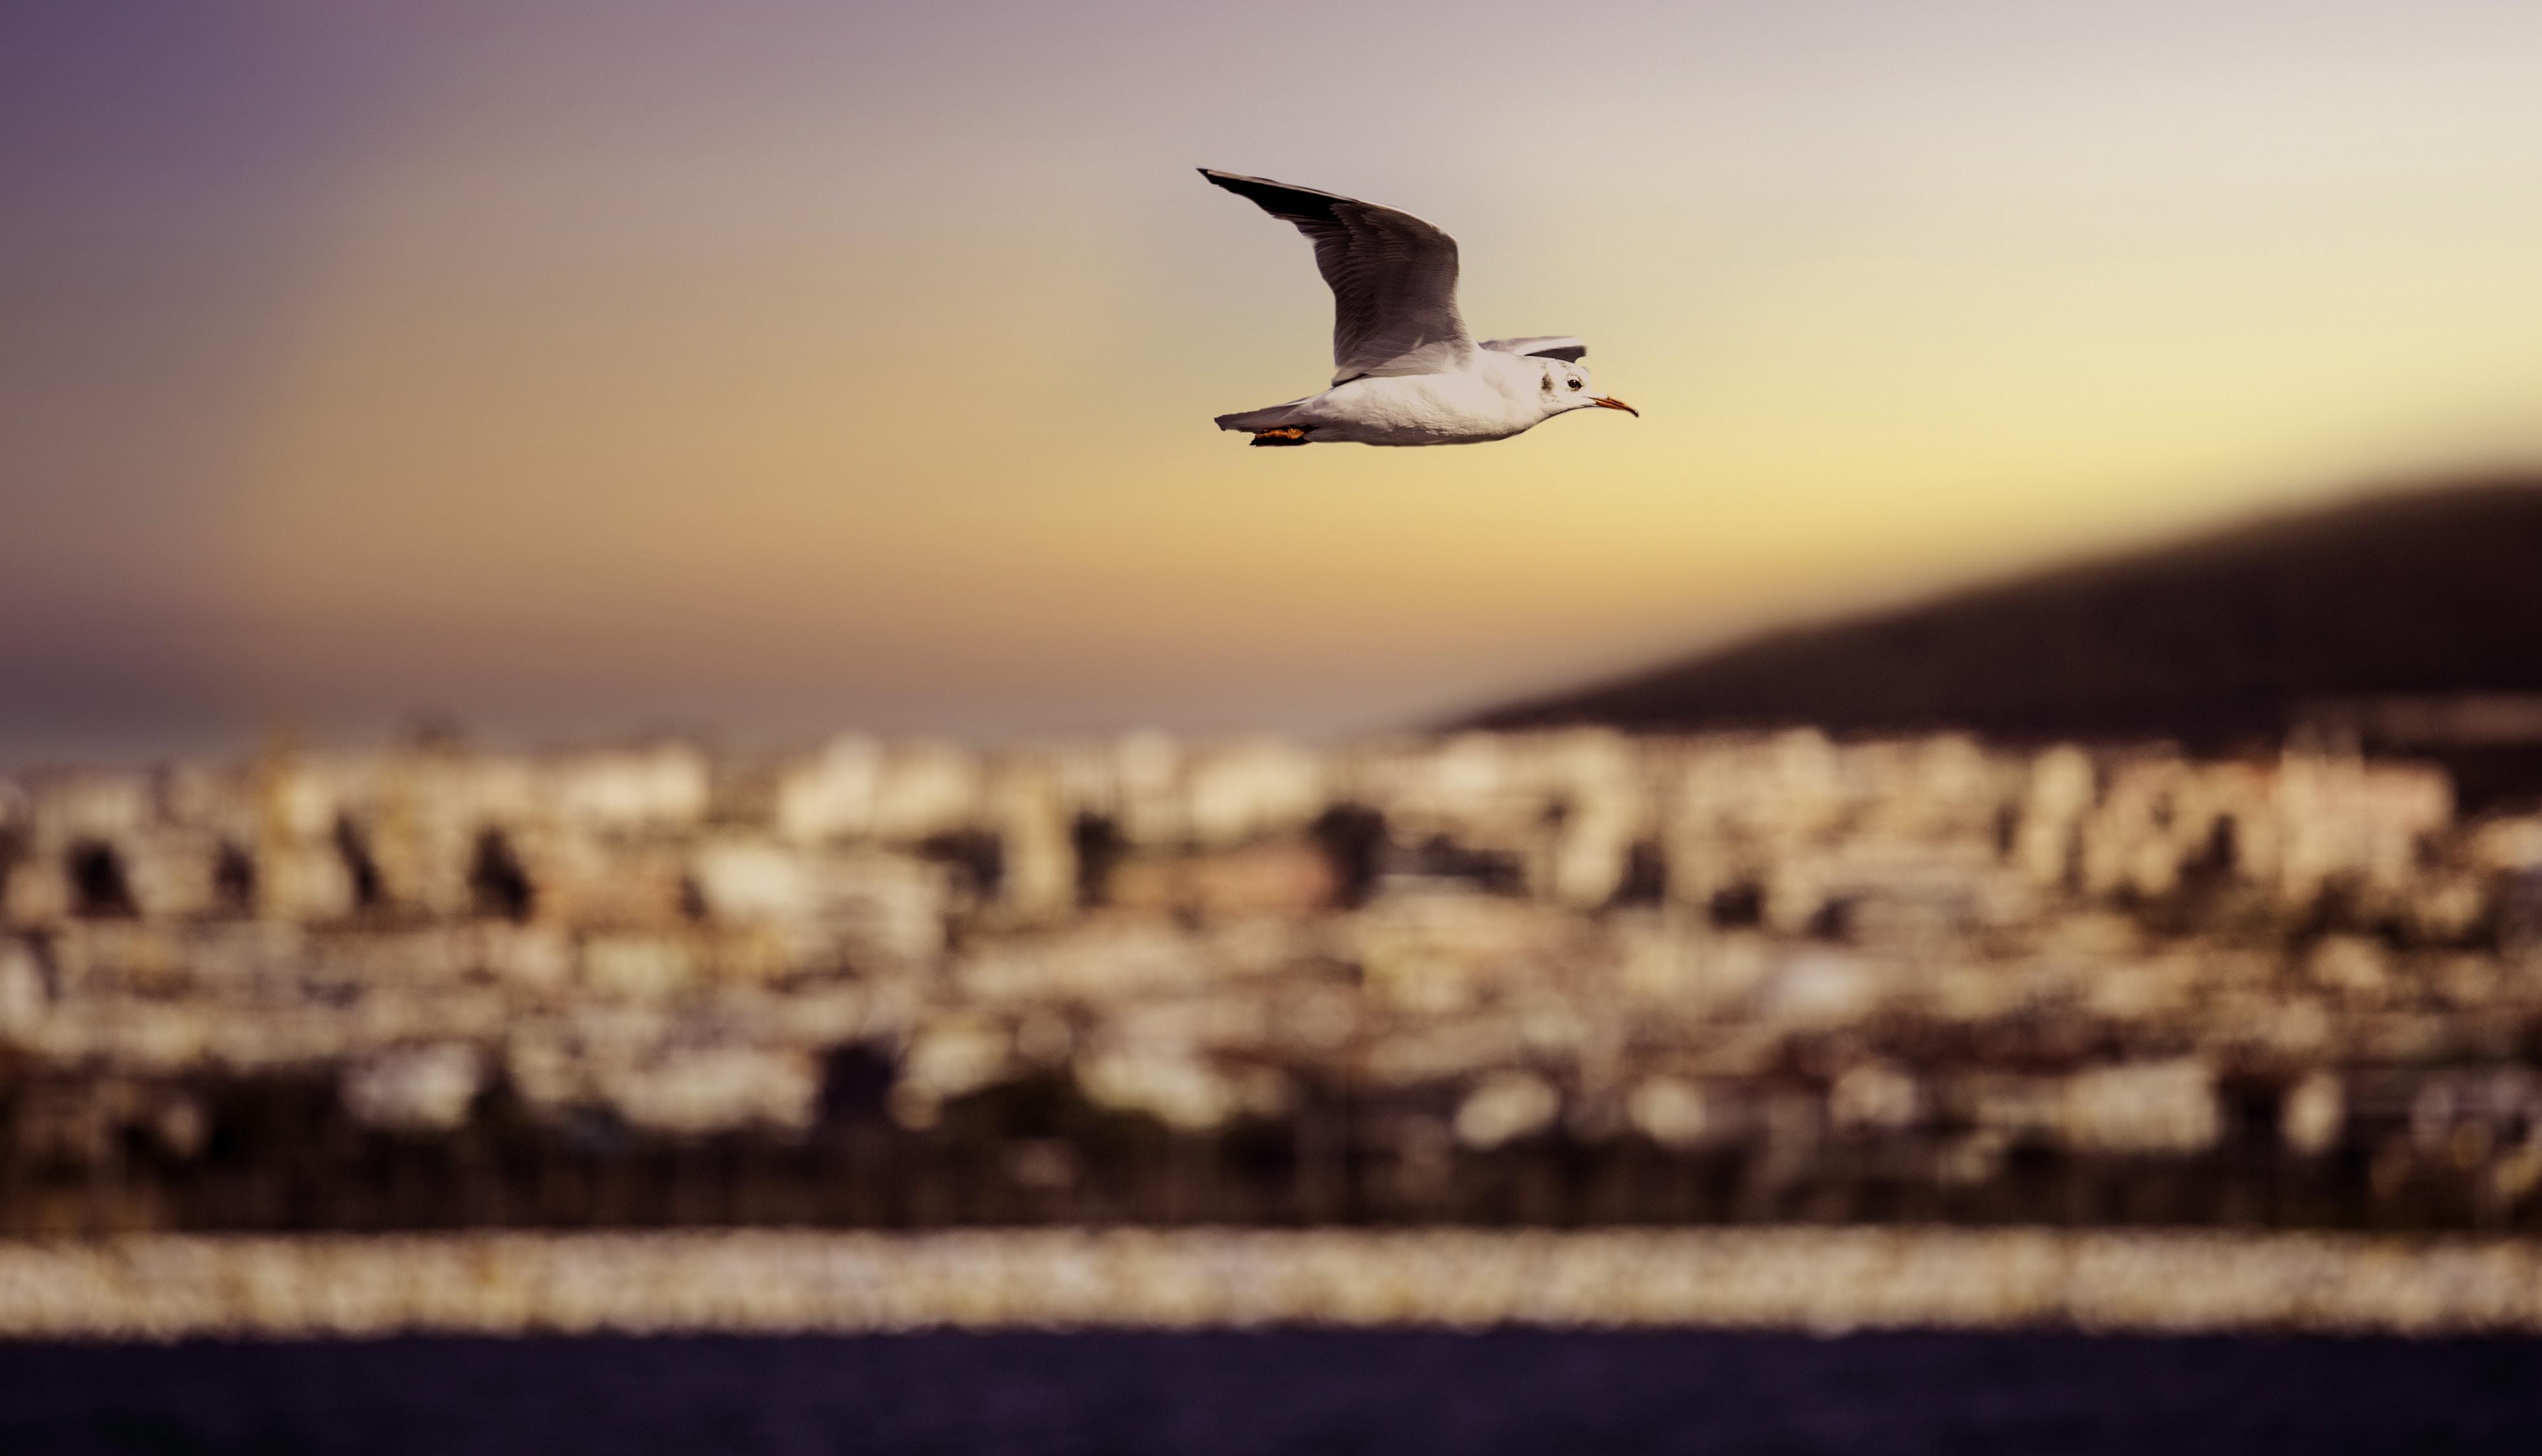 Free as a Bird stories